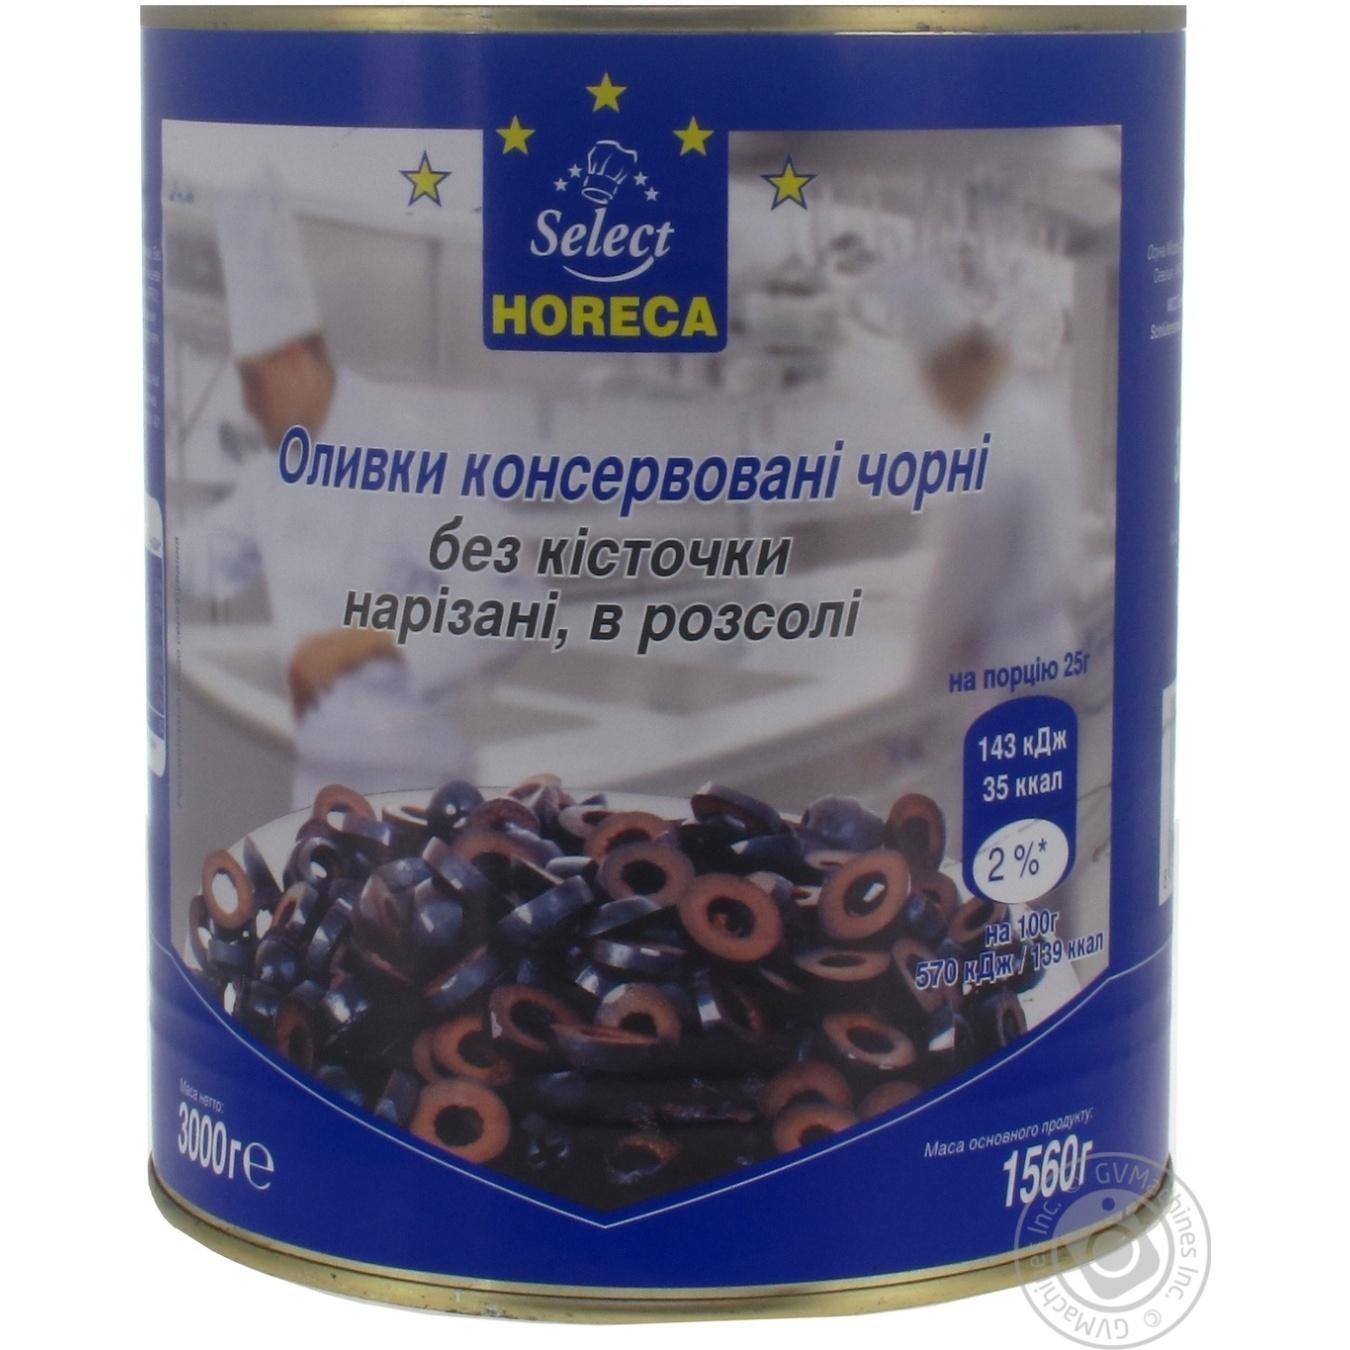 Купить Оливки консервированные Horeca Select черные без косточек нарезанные в рассоле 3кг